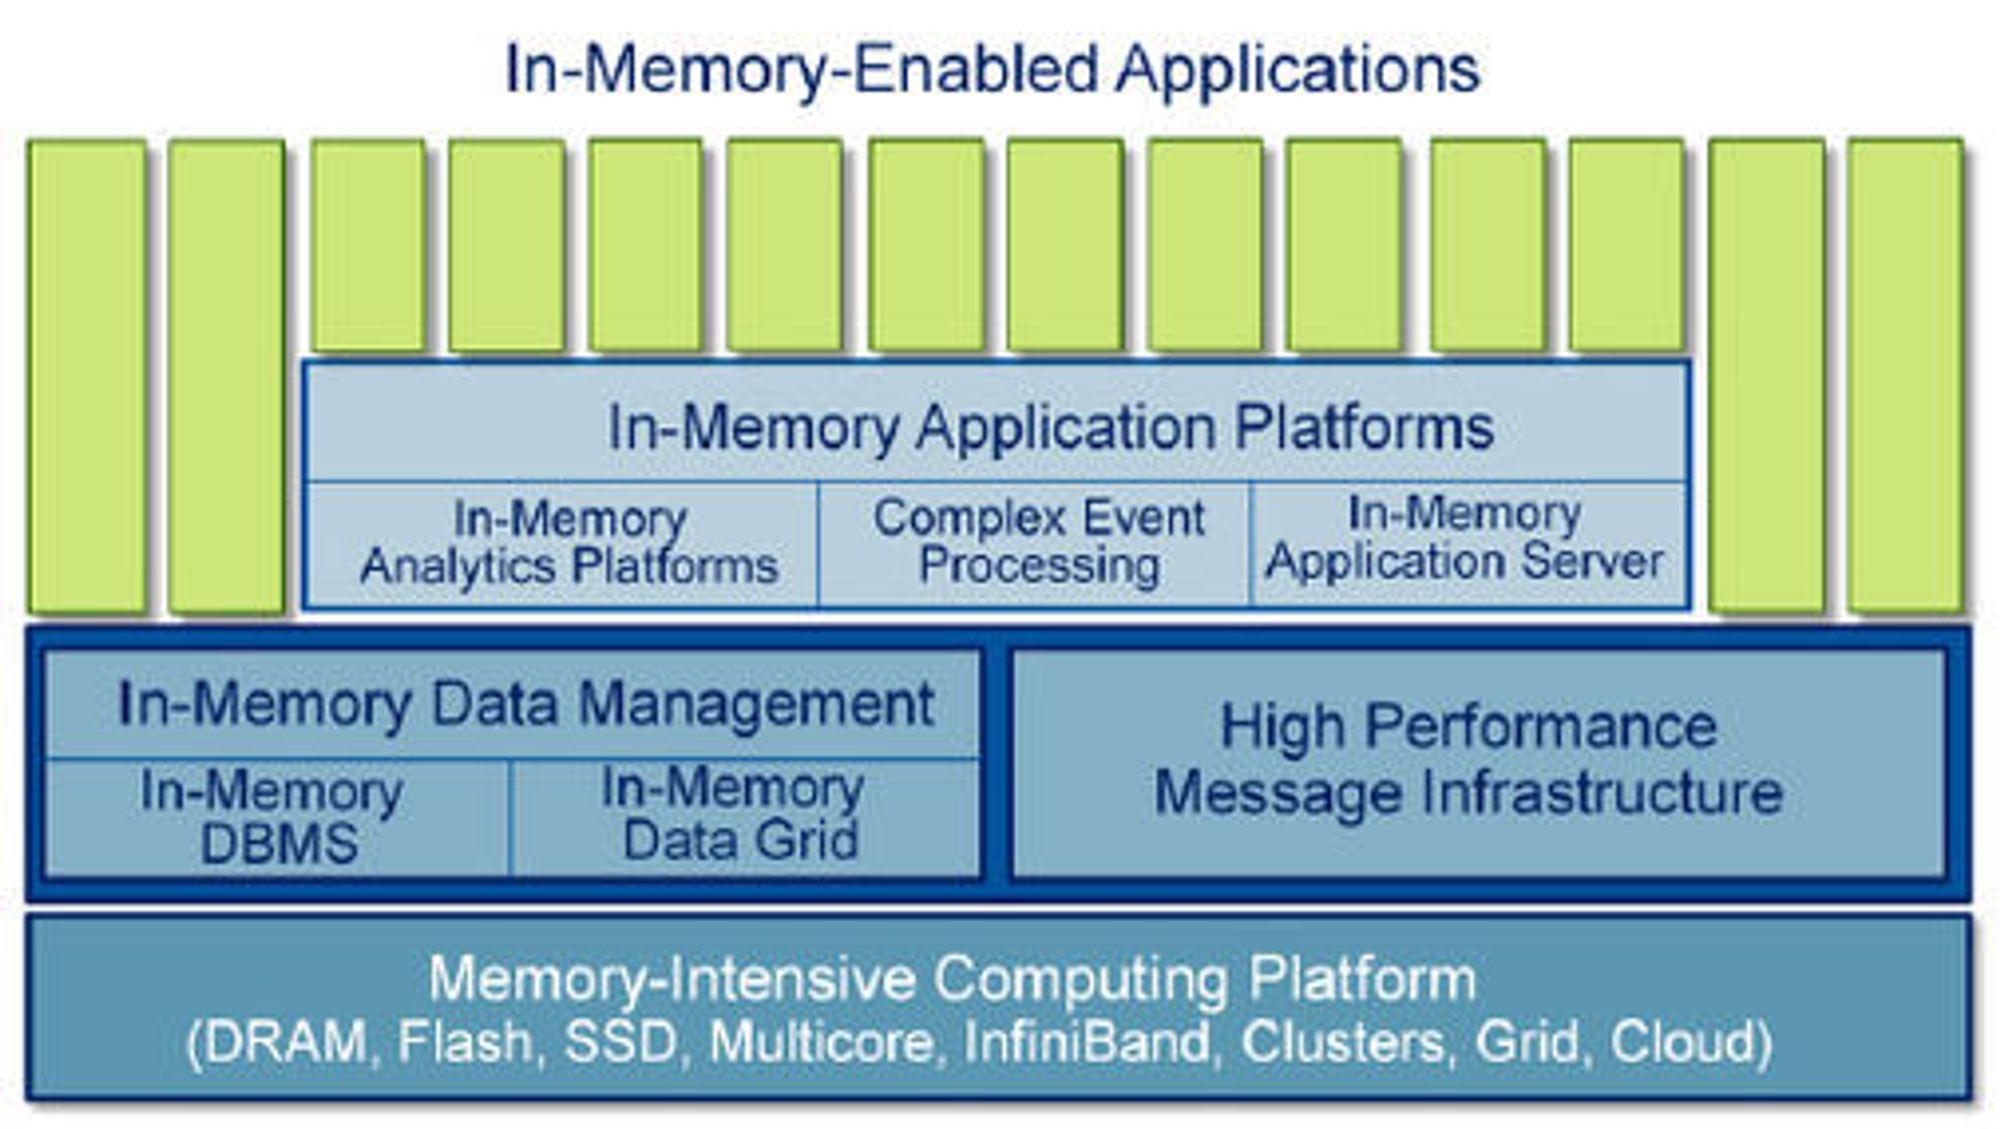 I-minne-teknologi, slik Gartner klassifiserer den i dag. Teknologien er svært løfterik, og kan utløse hittil utenkelige anvendelser.